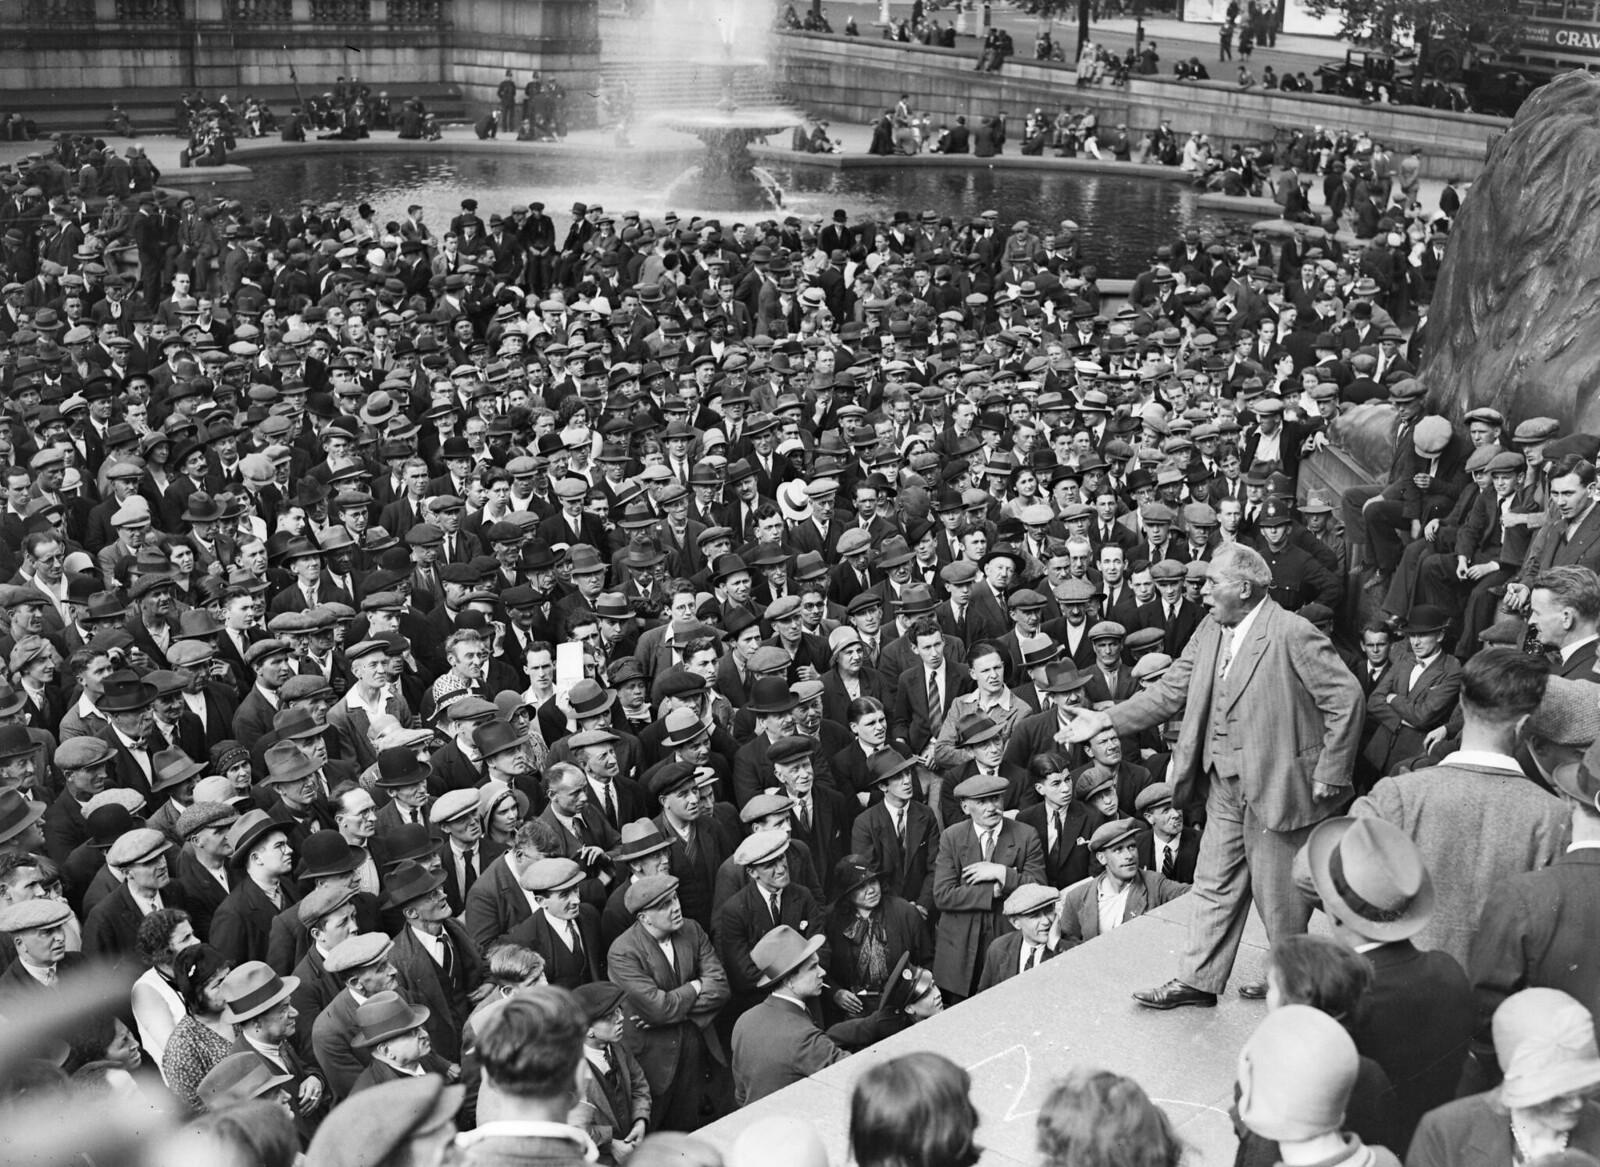 1931. Профсоюзный ветеран Том Манн выступает на митинге коммунистов на Трафальгарской площади в Лондоне. 1 августа